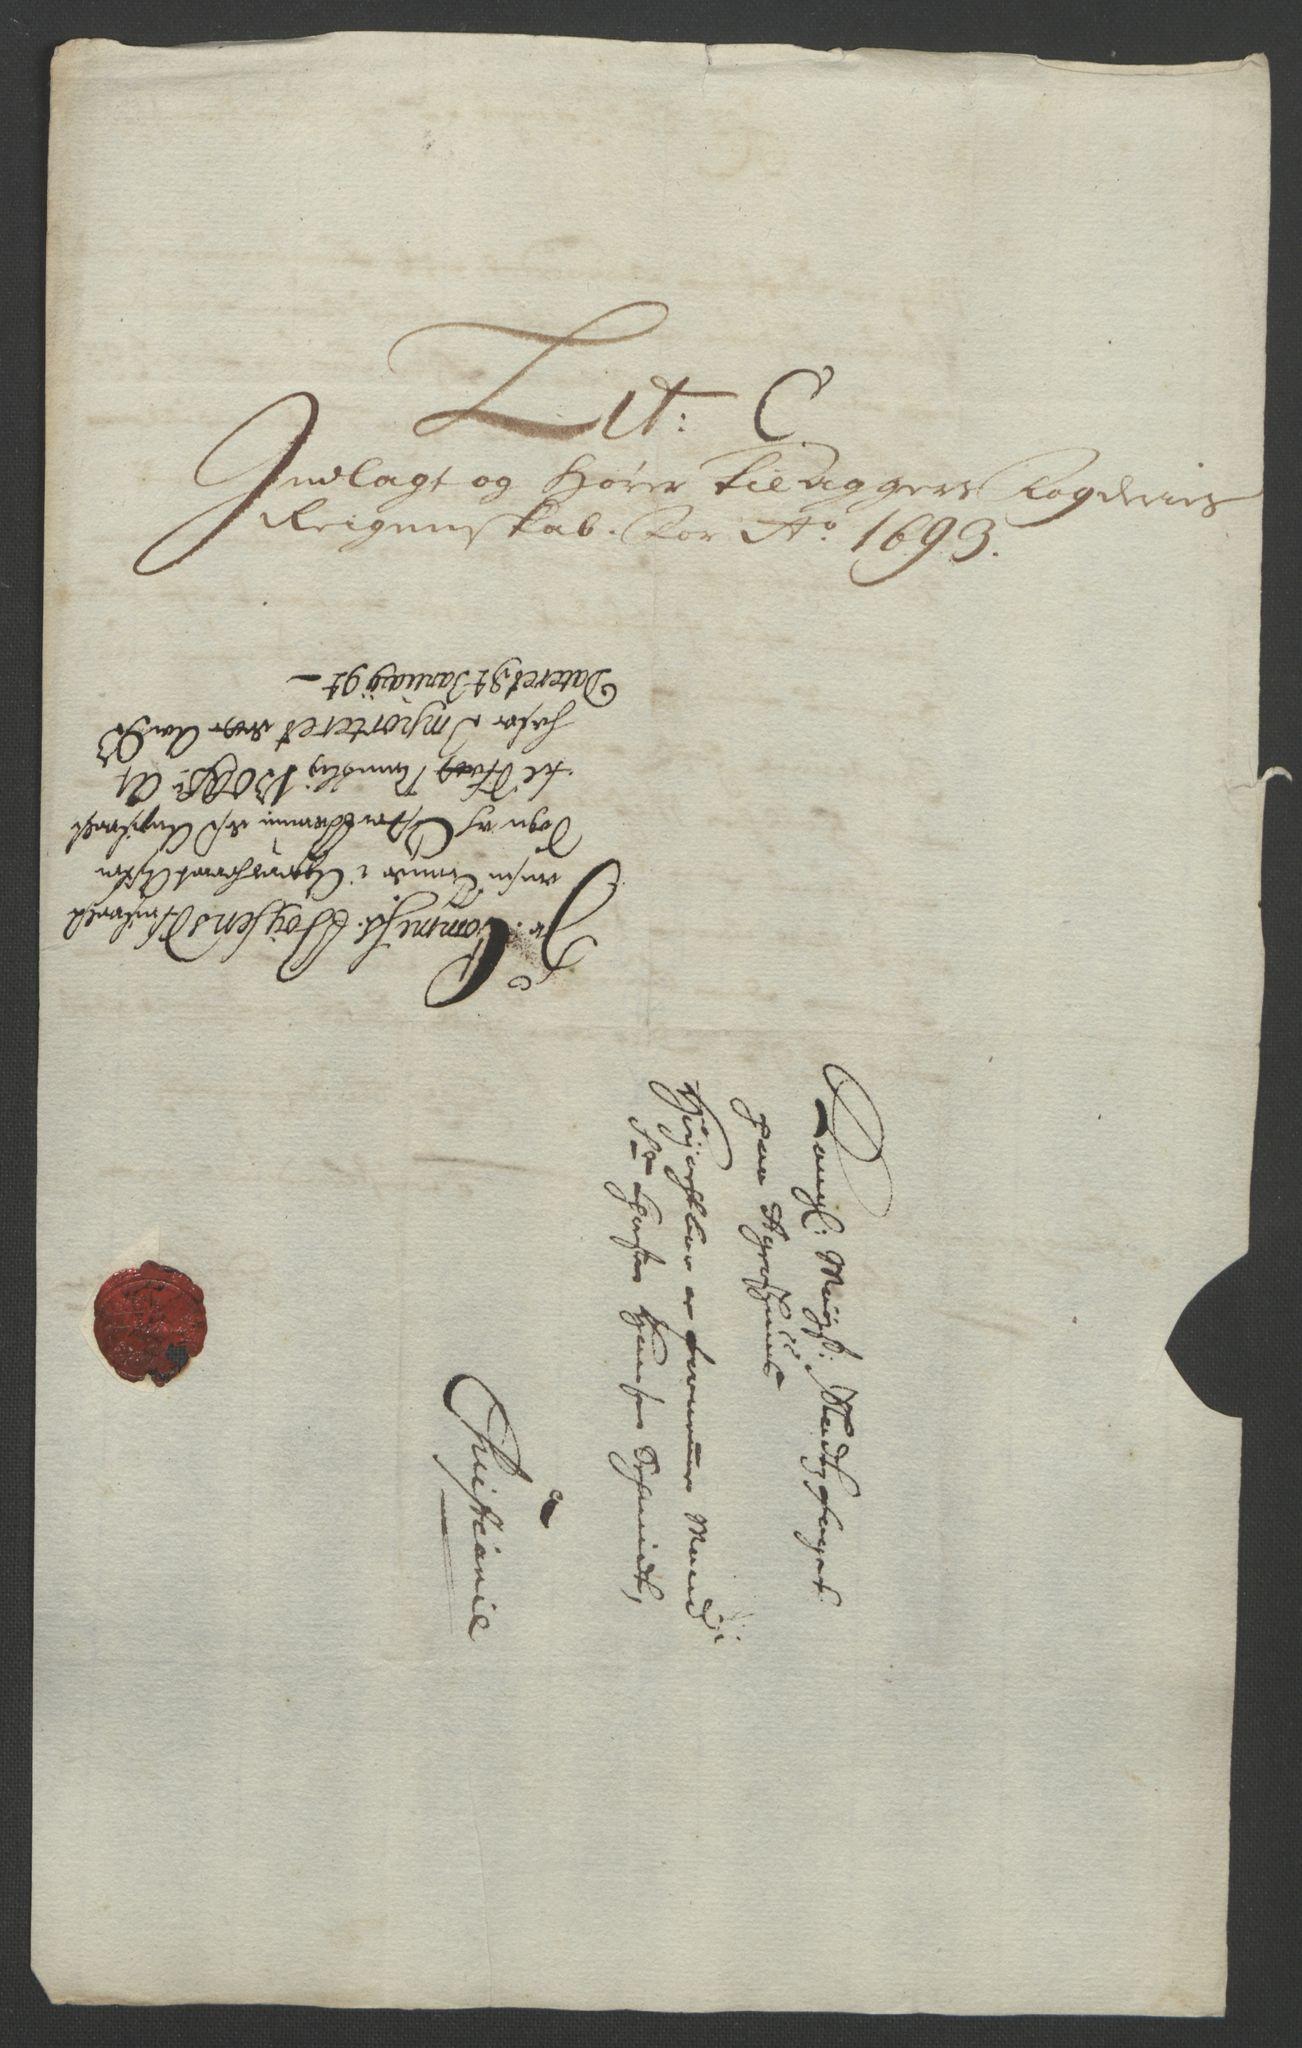 RA, Rentekammeret inntil 1814, Reviderte regnskaper, Fogderegnskap, R08/L0426: Fogderegnskap Aker, 1692-1693, s. 329